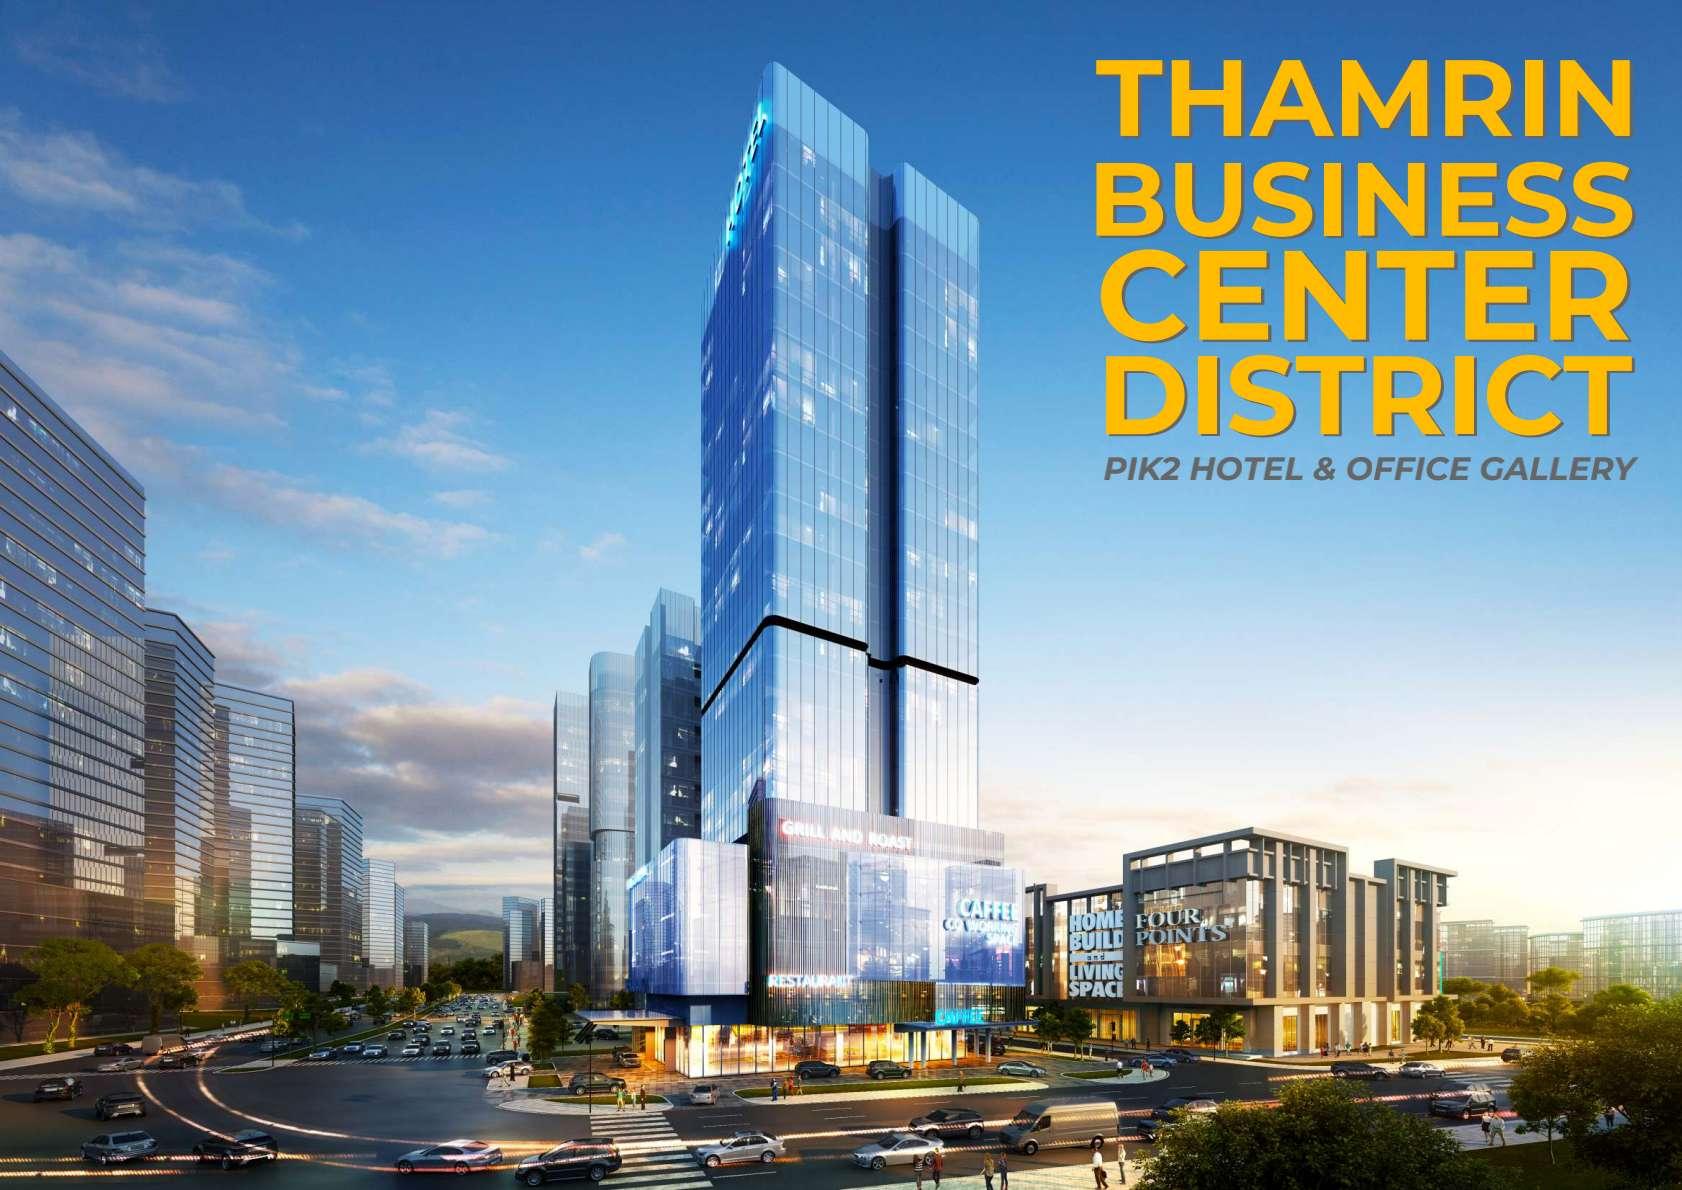 KVALING THAMRIN BUSINESS CENTER pik 2